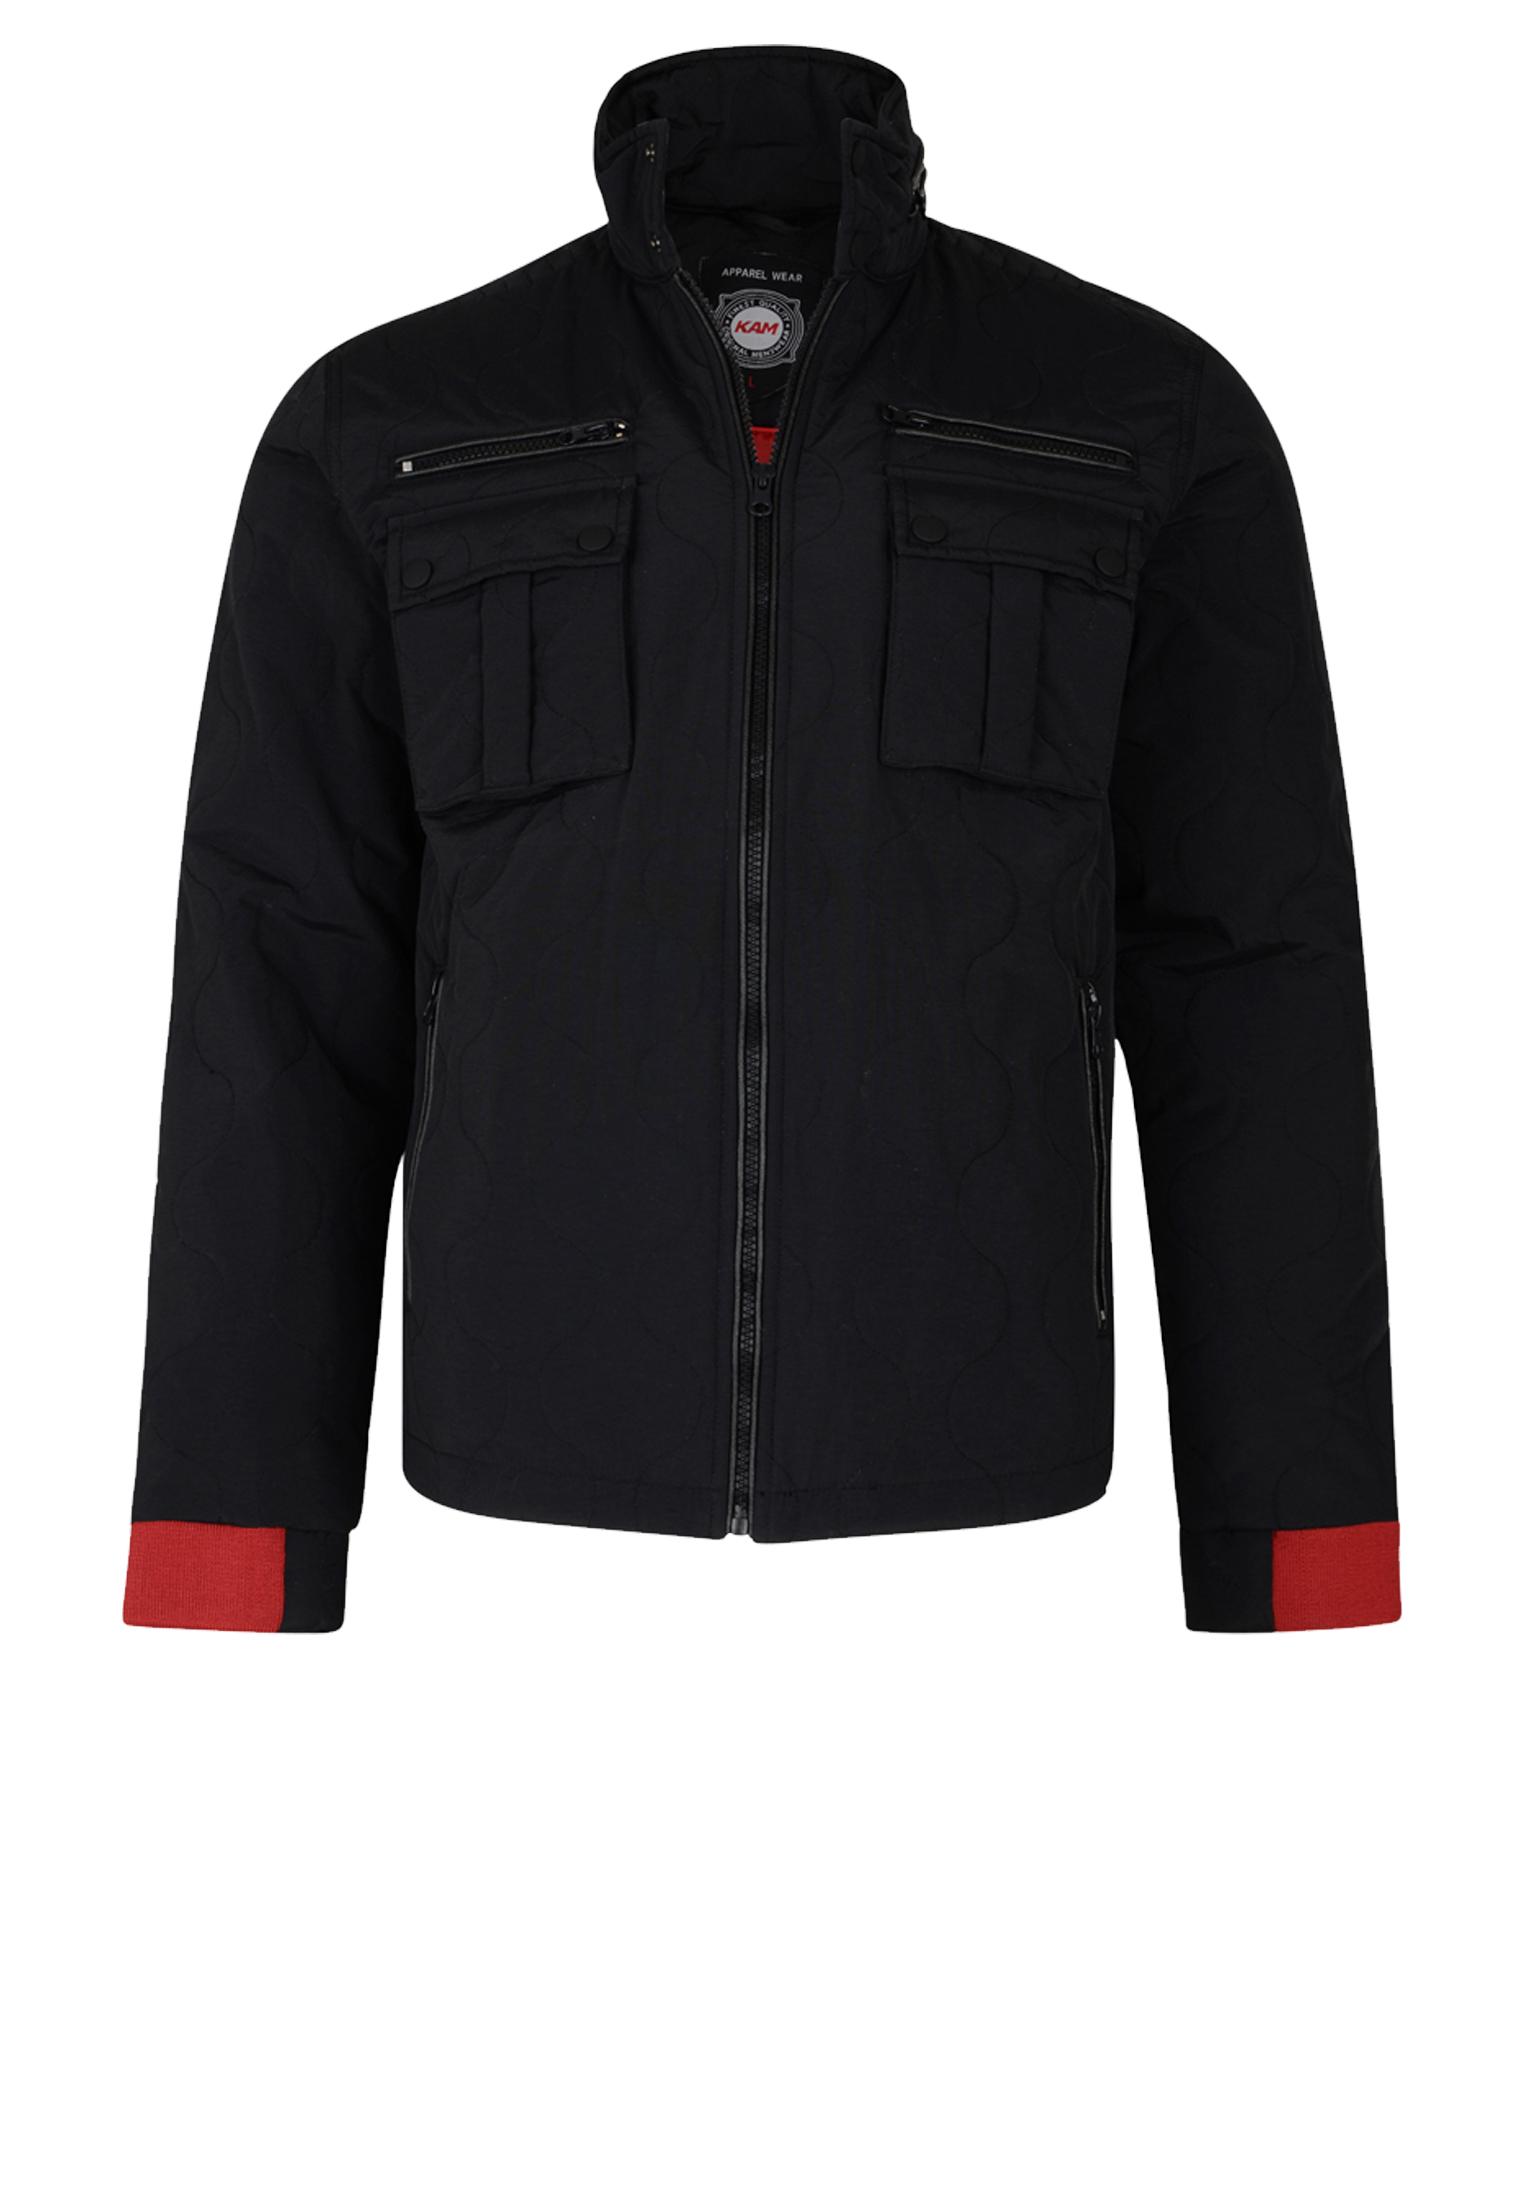 Zwarte winterjas van het merk KAM JEANSWEAR, voorzien van 2 met rits afsluitbare steekzakken aan de voorzijde en 2 met drukknoop afsluitbare borstzakjes. Deze jas met ritssluiting heeft een kleine opstaande kraag.